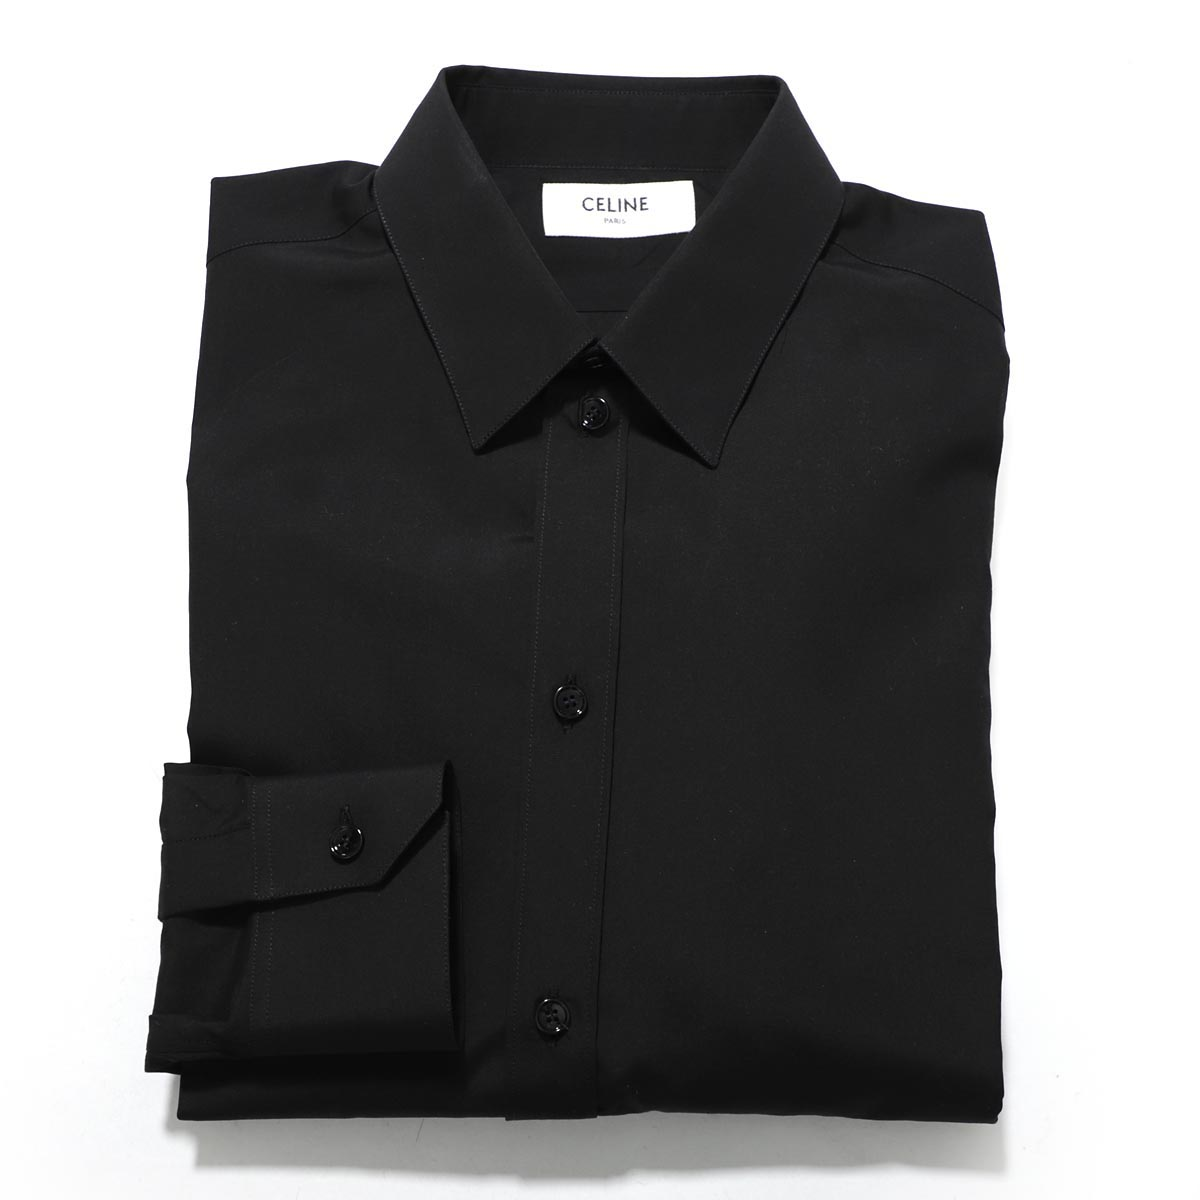 【アウトレット】セリーヌ CELINE モダンカラー シャツ ブラック メンズ カジュアル 普段着 インナー お出かけ 2c154 808e 38no CLASSIC SHIRT【あす楽対応_関東】【返品送料無料】【ラッピング無料】